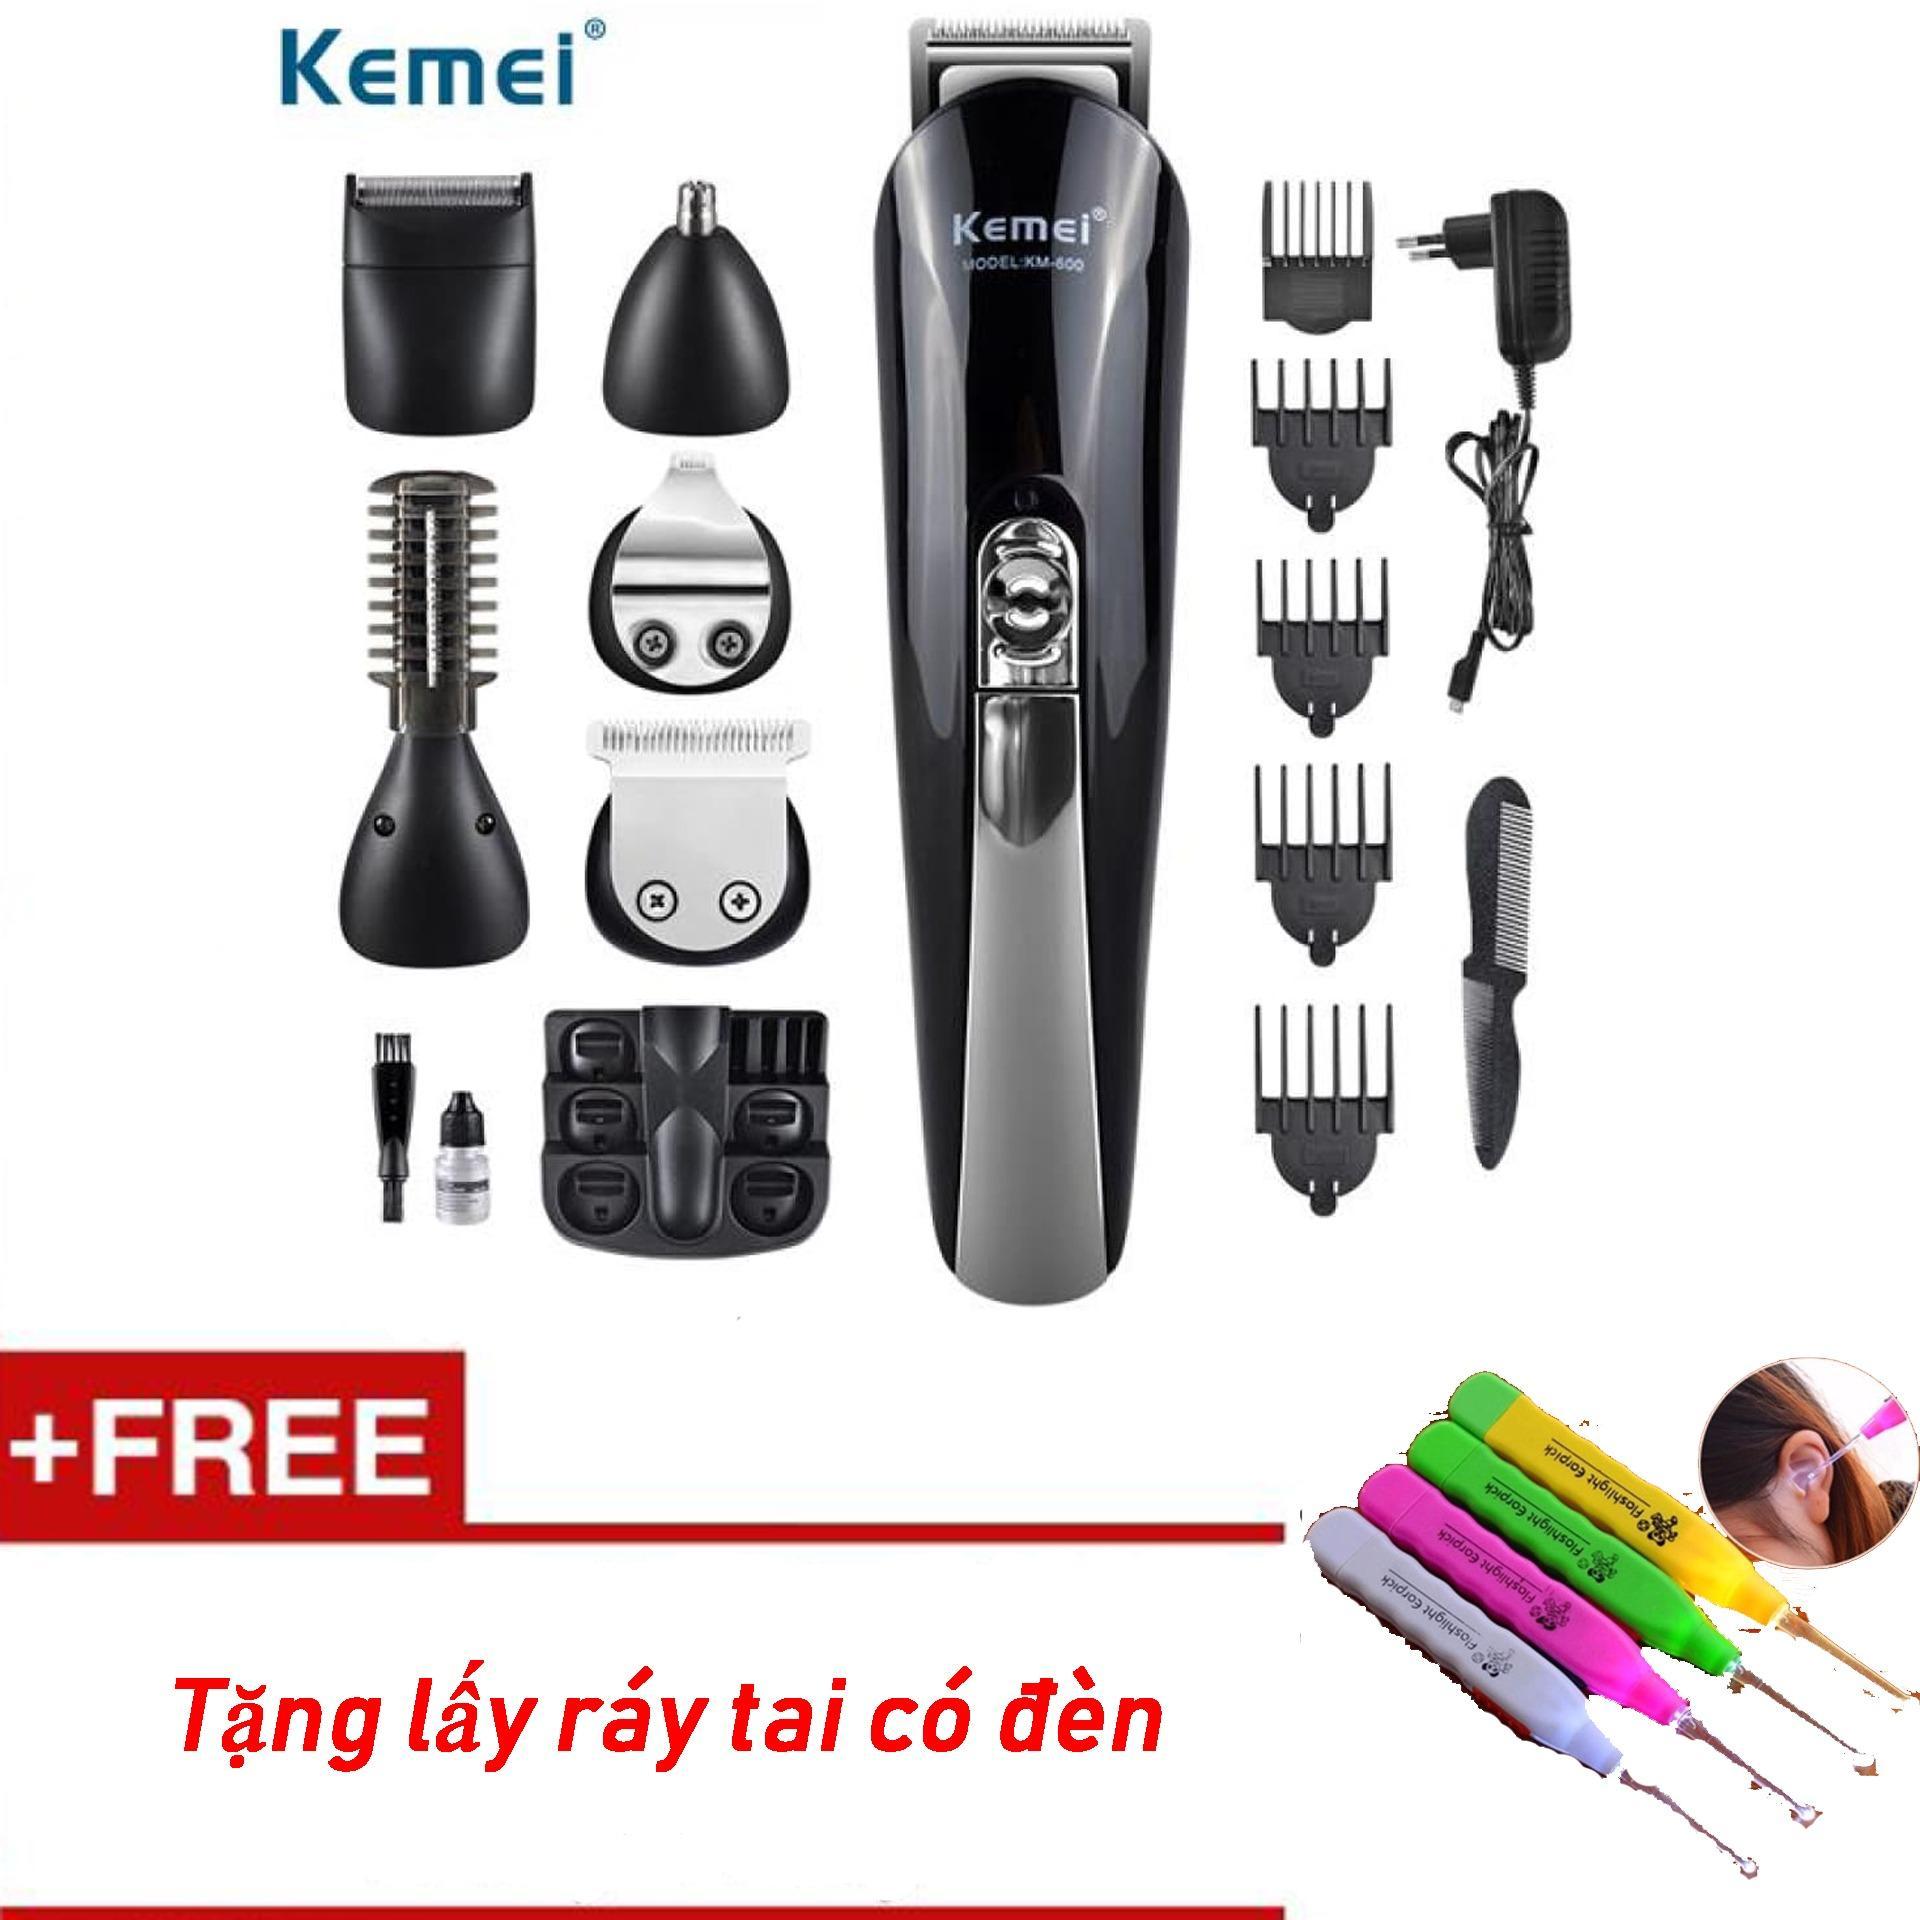 Tông đơ cắt tóc đa năng 6in1 Kemei KM-600 - Hãng bảo hành 1 đổi 1, cam kết về chất lượng + Tặng lấy ráy tai có đèn tốt nhất